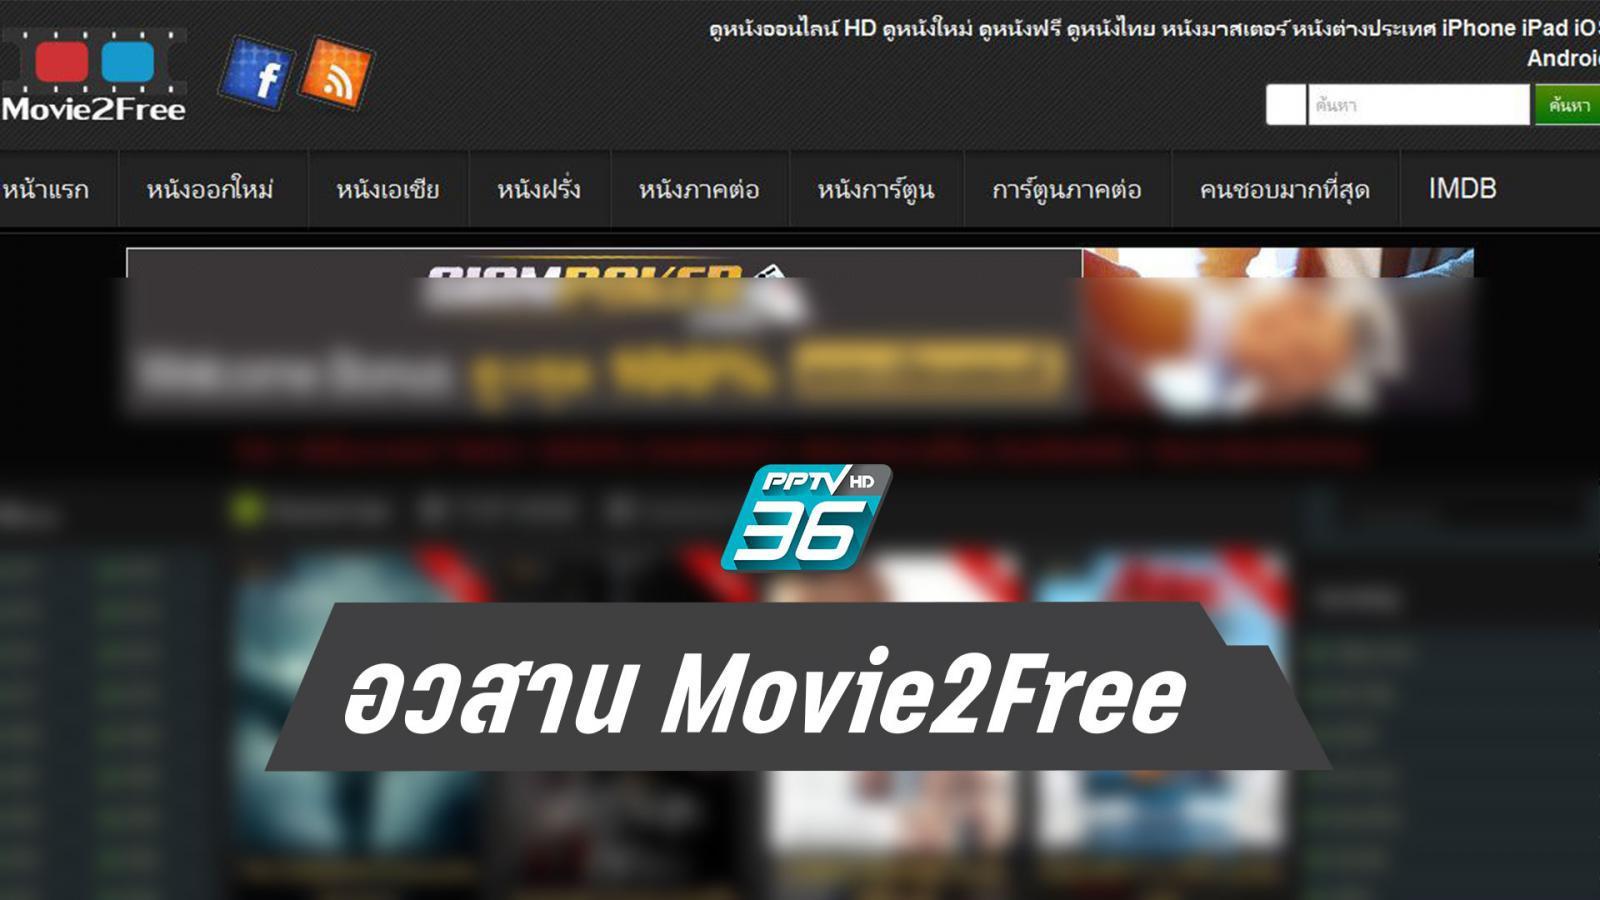 """ดีเอสไอ รวบแอดมินเว็บดูหนังเถื่อน """"movie2free"""" เผยโกยรายได้ 5 ล้านบาท/เดือน"""